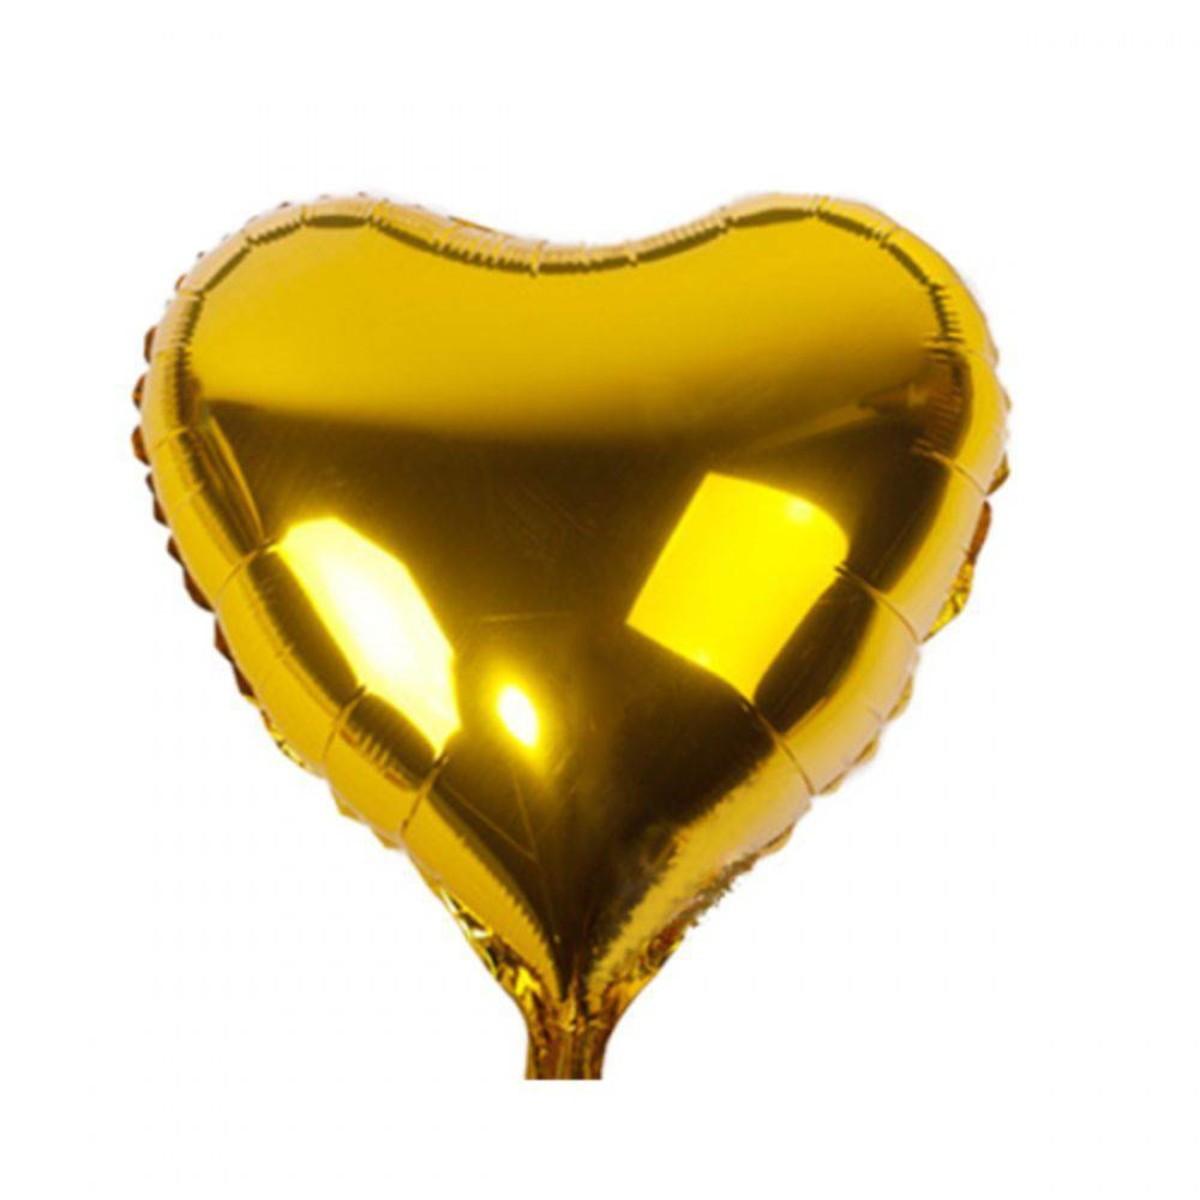 kit 10 Buque Balões Bexigas Metalizado dourado